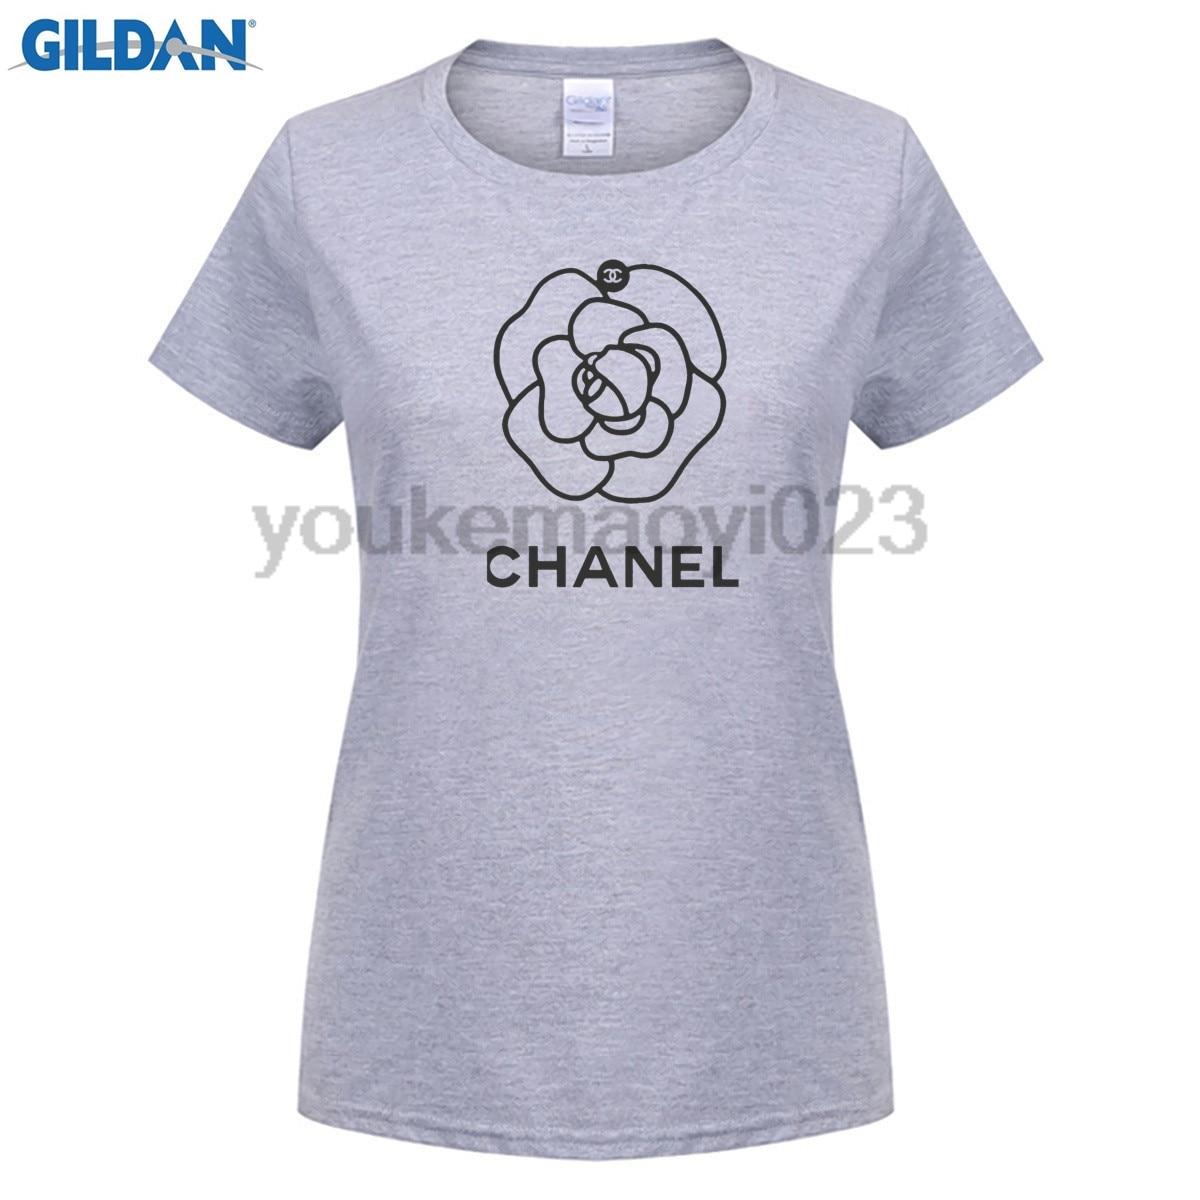 Compra gildan ladies tee y disfruta del envío gratuito en AliExpress.com 38058e6c9dc03